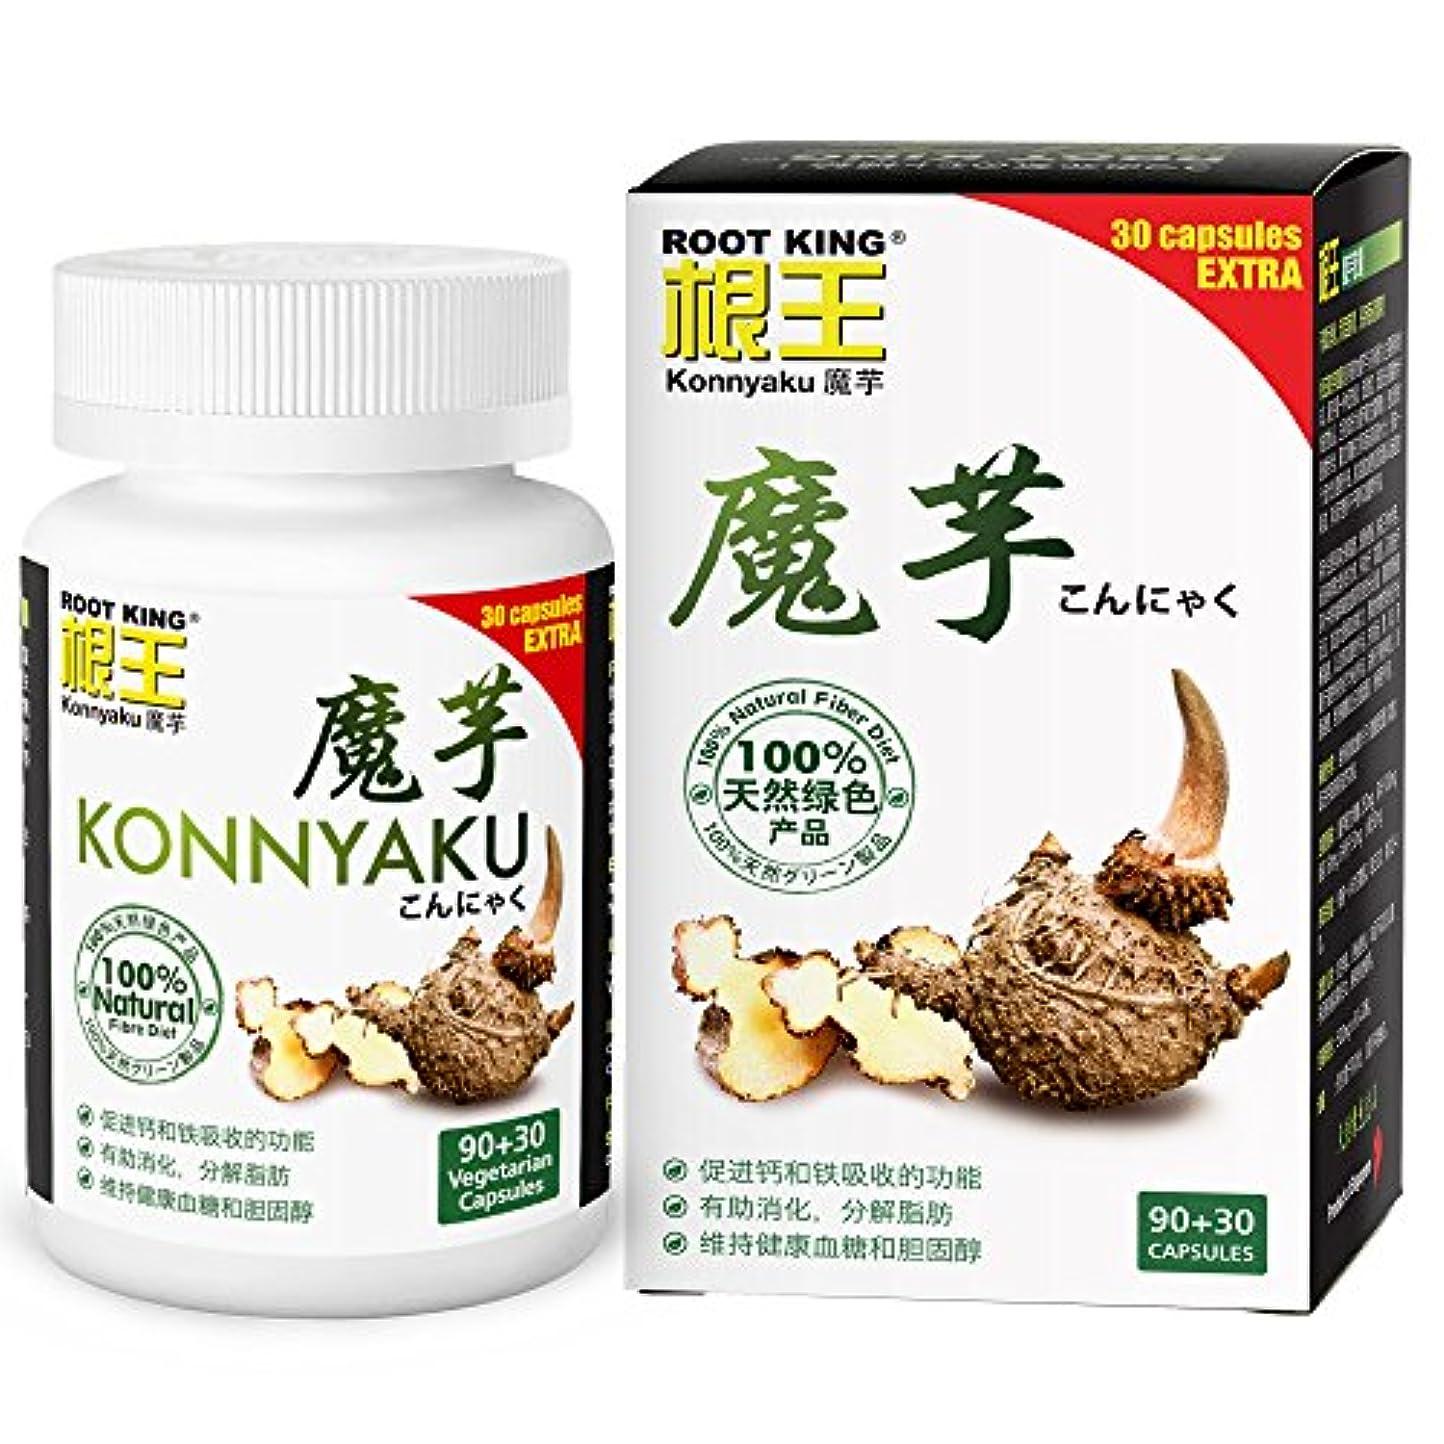 積極的に正確な葉を集めるROOT KING Konnyaku (120 Vegecaps) - control appetitide, feel fuller, contains Konjac glucomannan